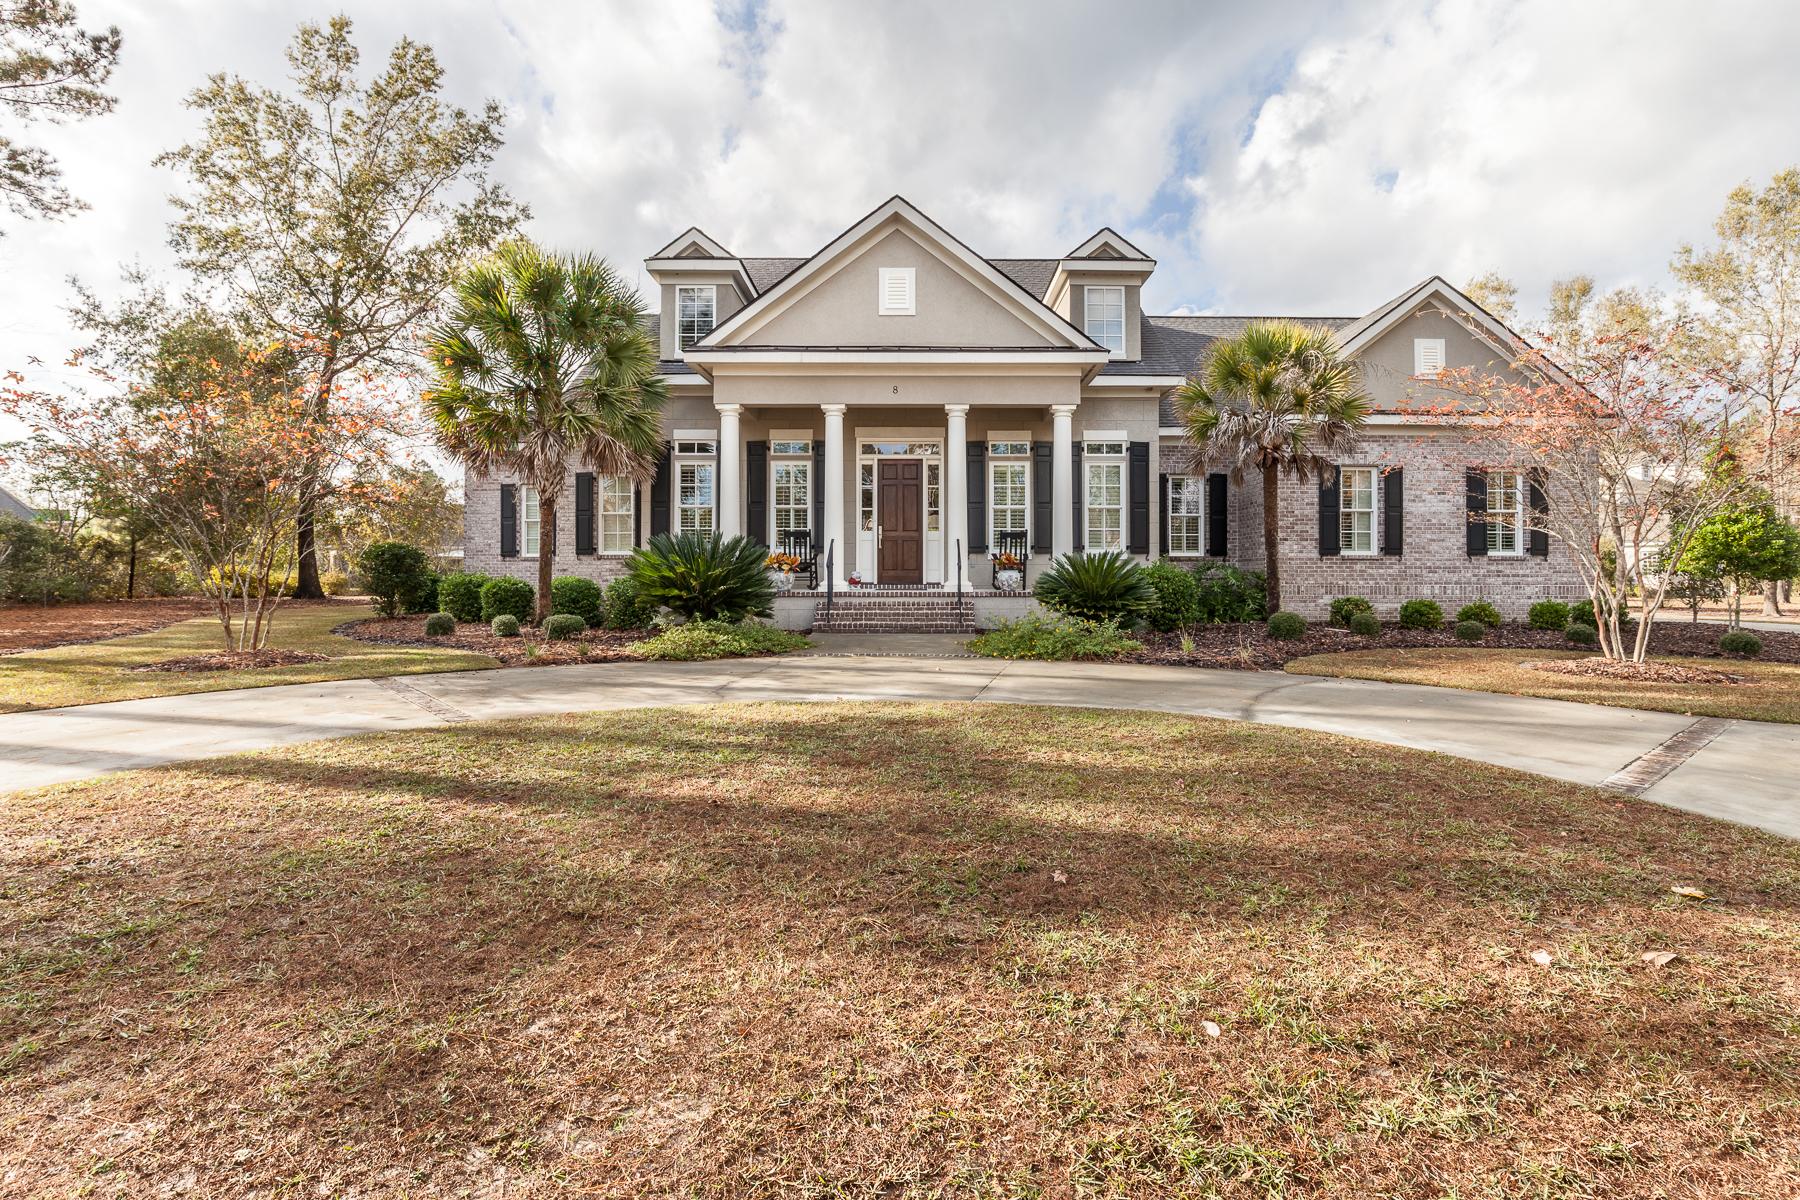 一戸建て のために 売買 アット 8 Hythe Retreat Pooler, ジョージア, 31322 アメリカ合衆国